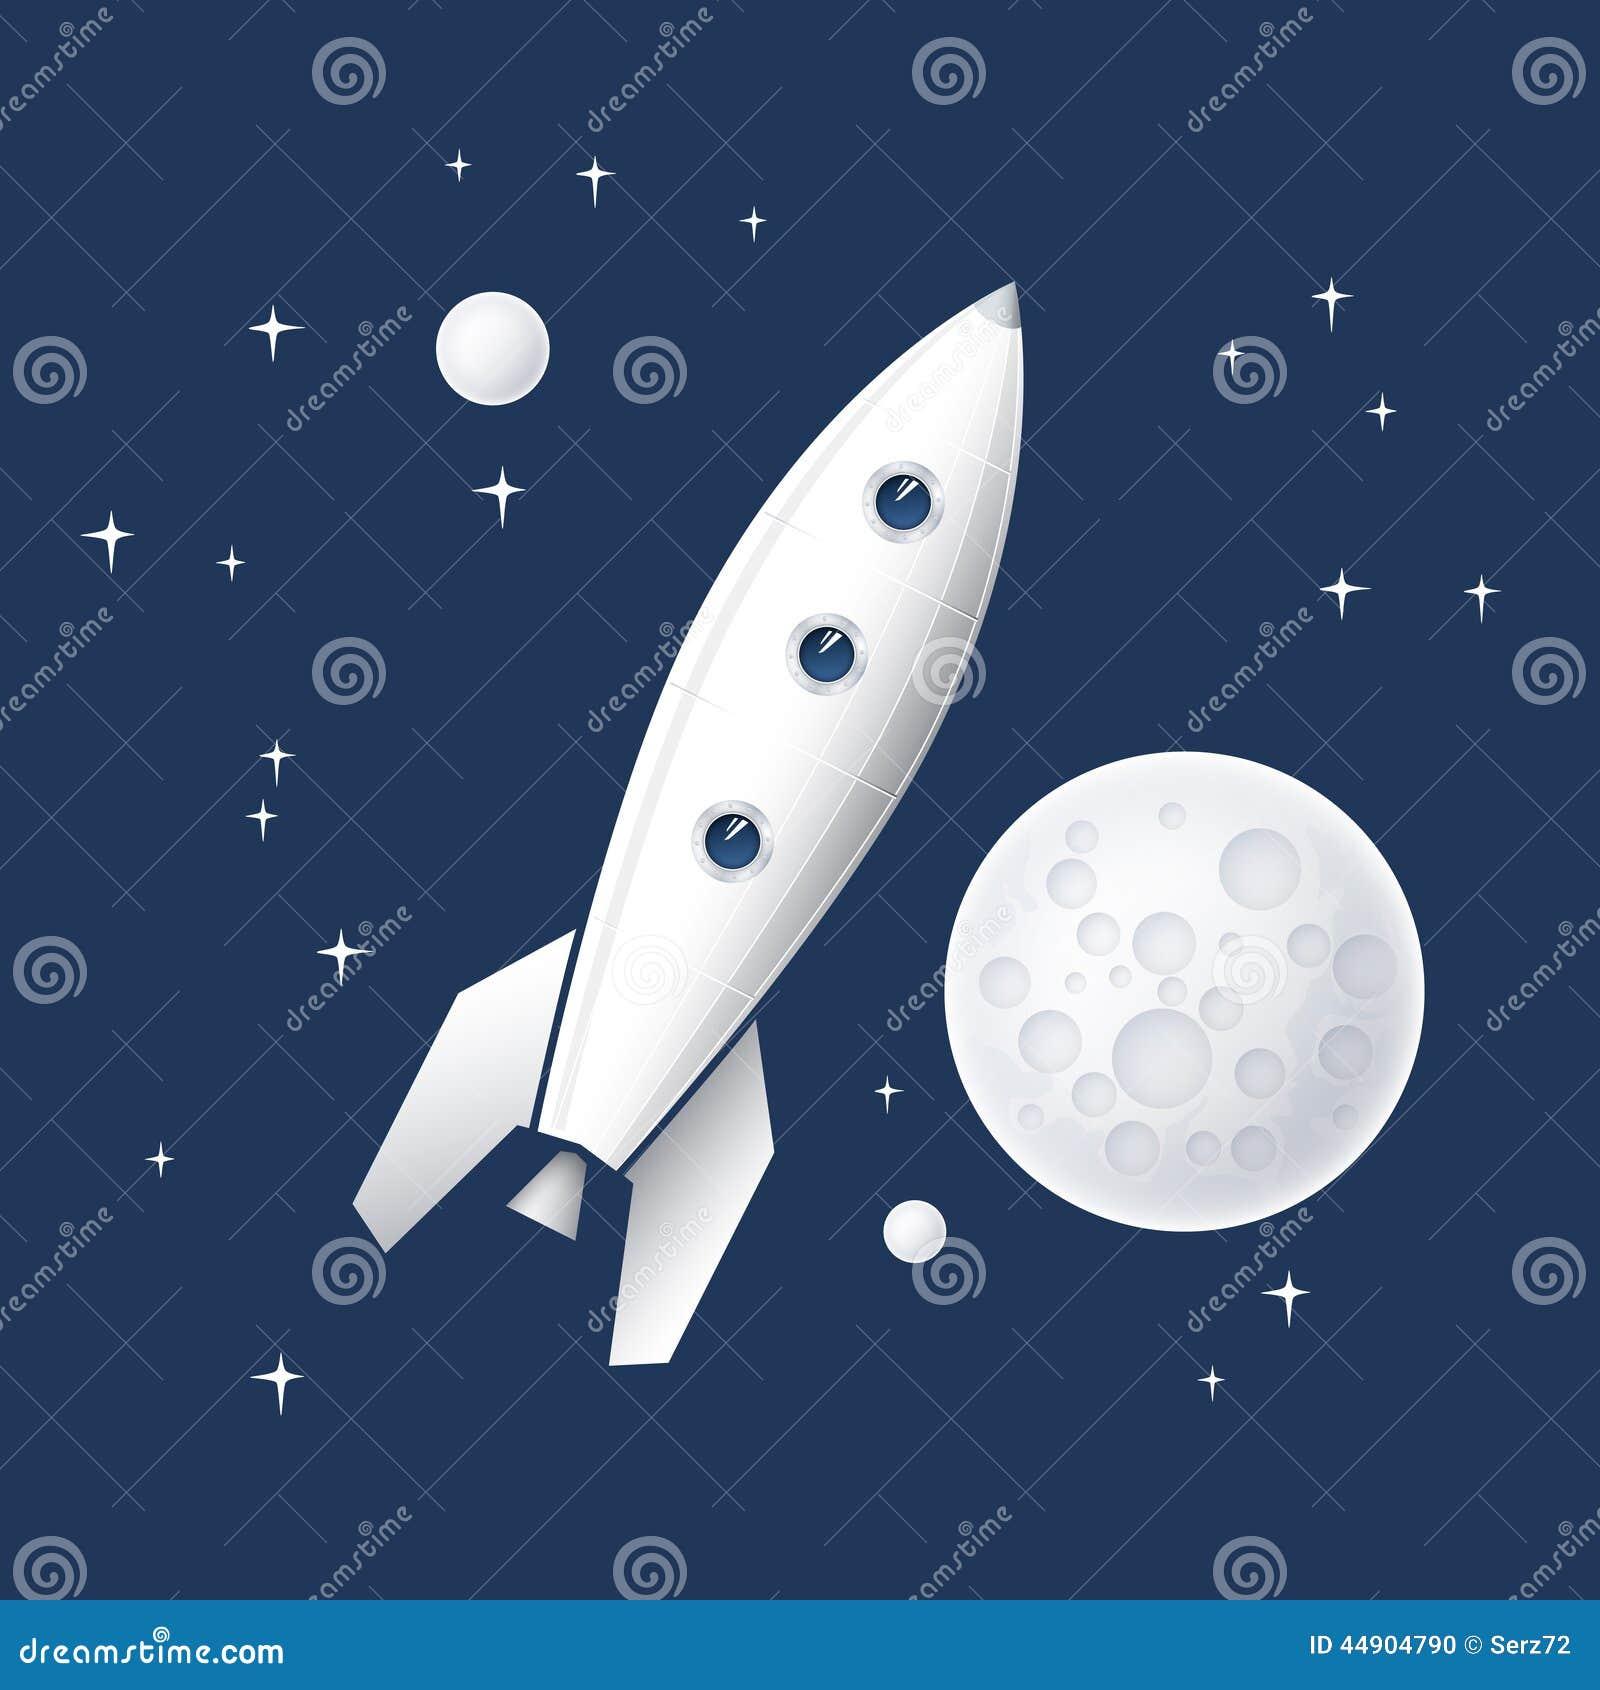 rocket space suit illustrations - photo #38